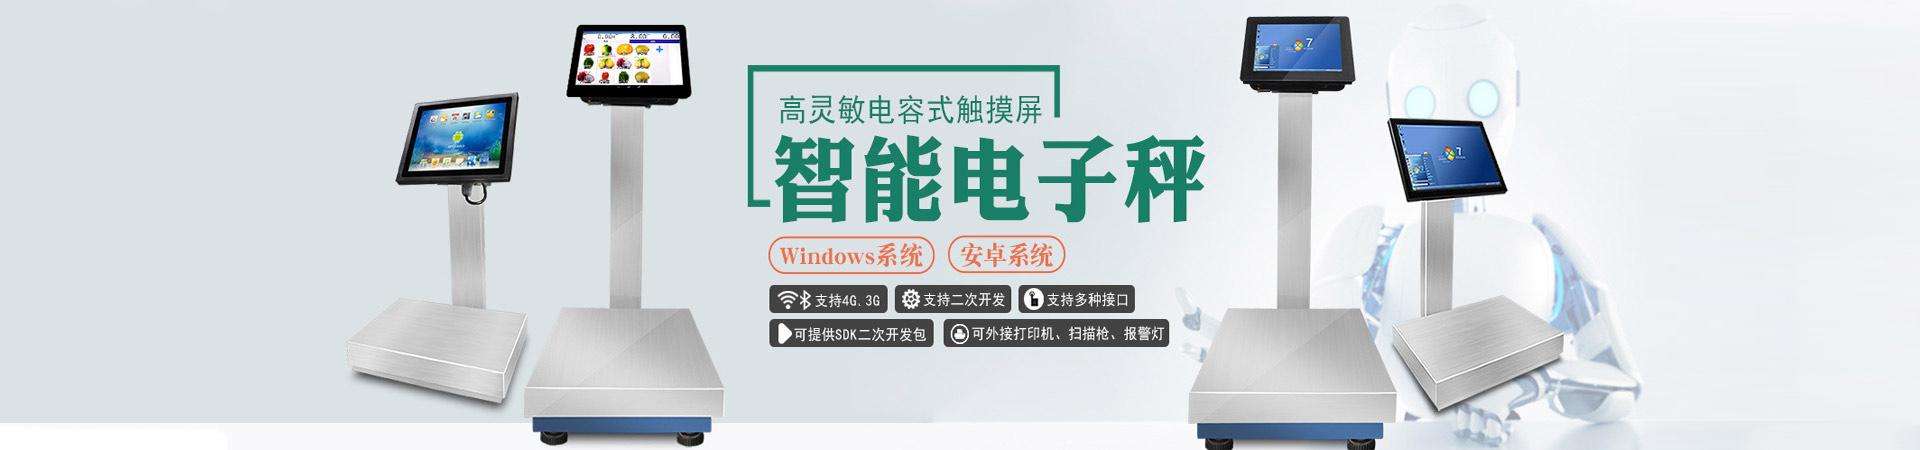 http://www.sddianzicheng.com/data/upload/202011/20201104171837_510.jpg